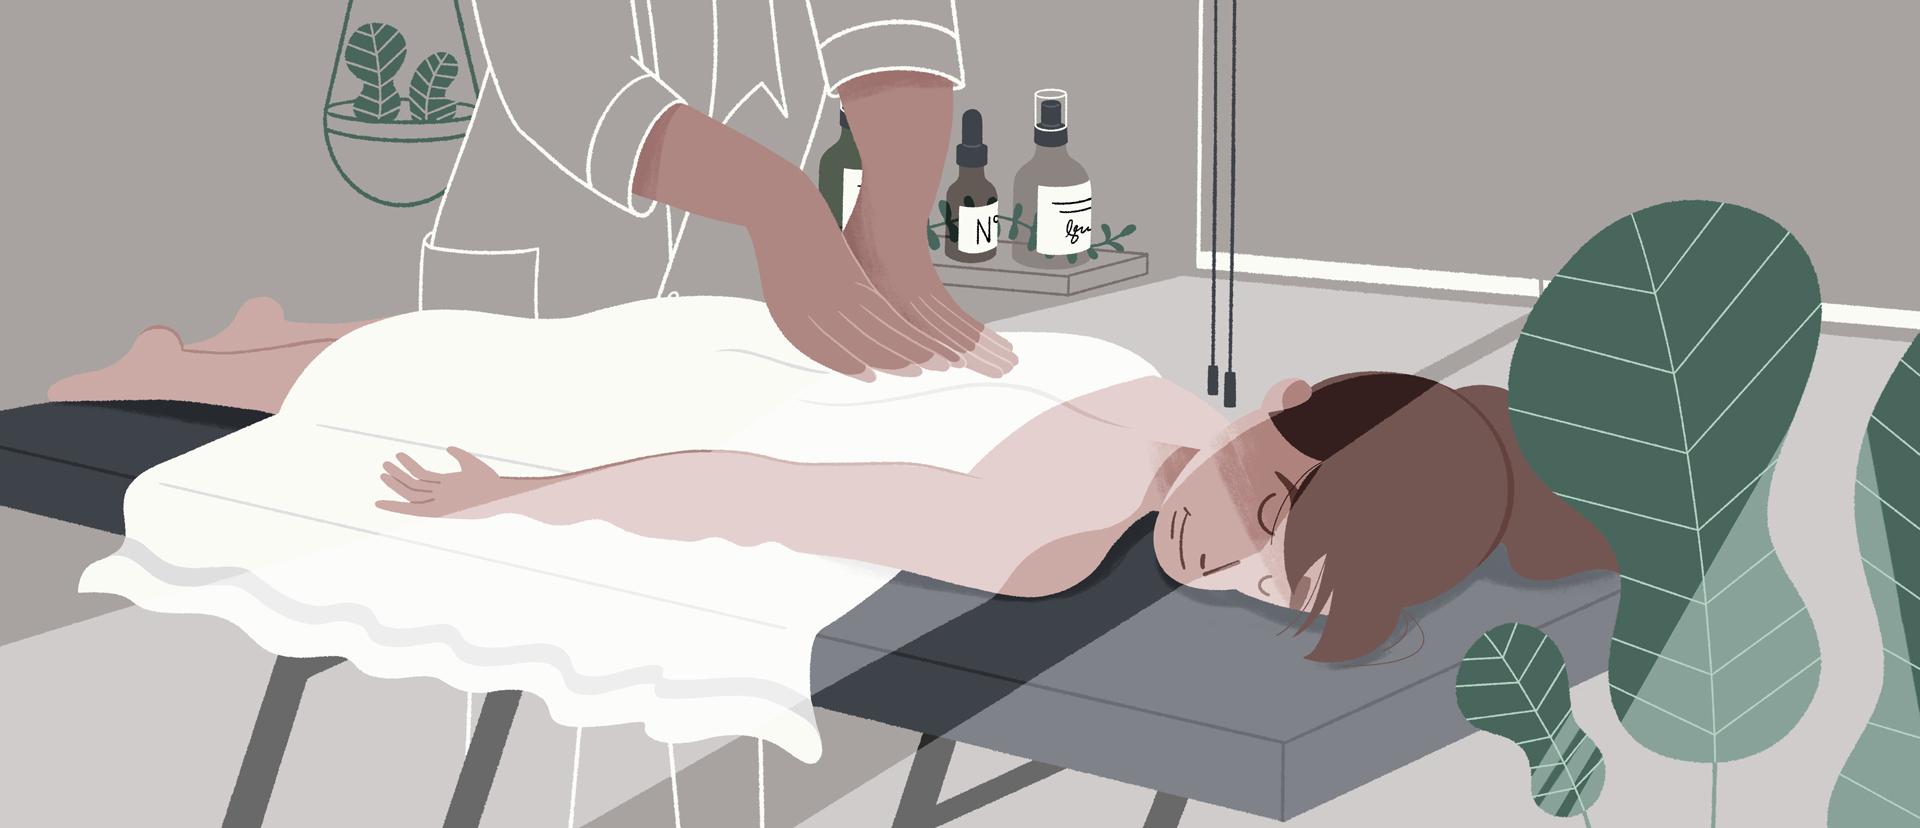 Illo_Massage_v1